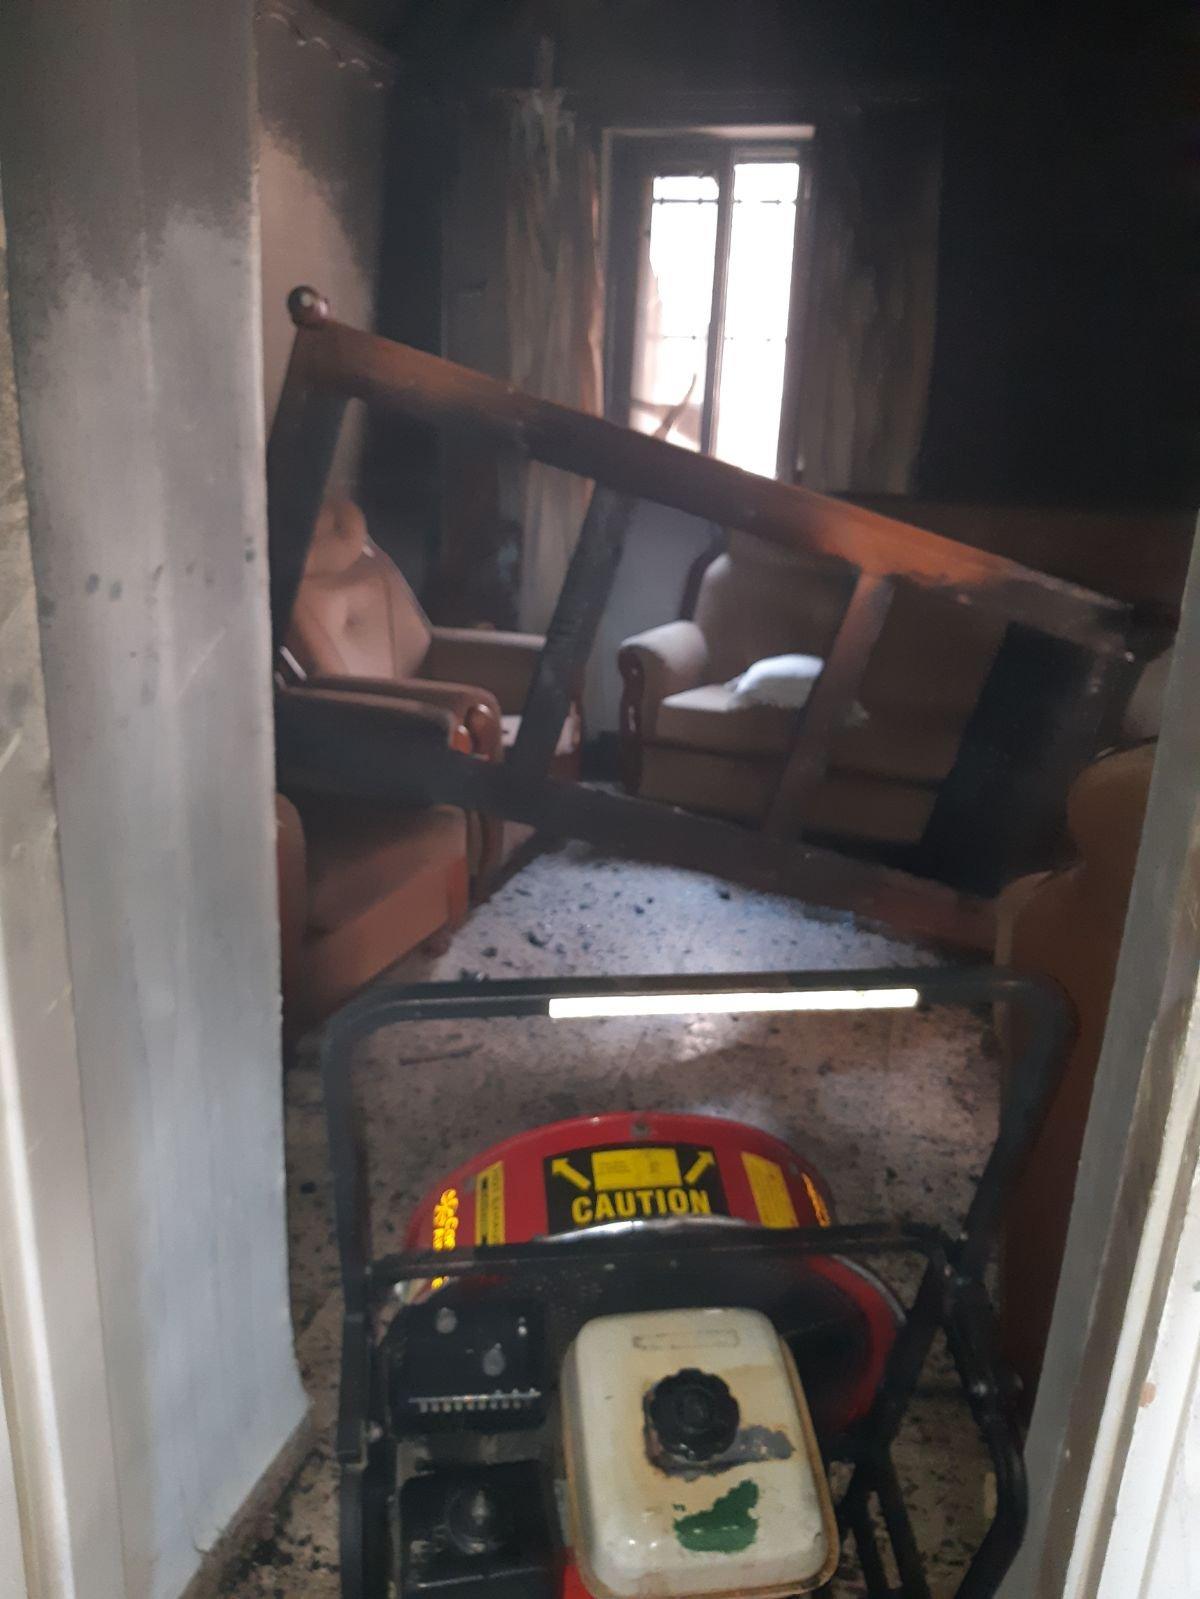 كفر ياسيف: سيجارة تسببت بالحريق بالمنزل، أشعلت بغرفة نوم إحدى المصابات